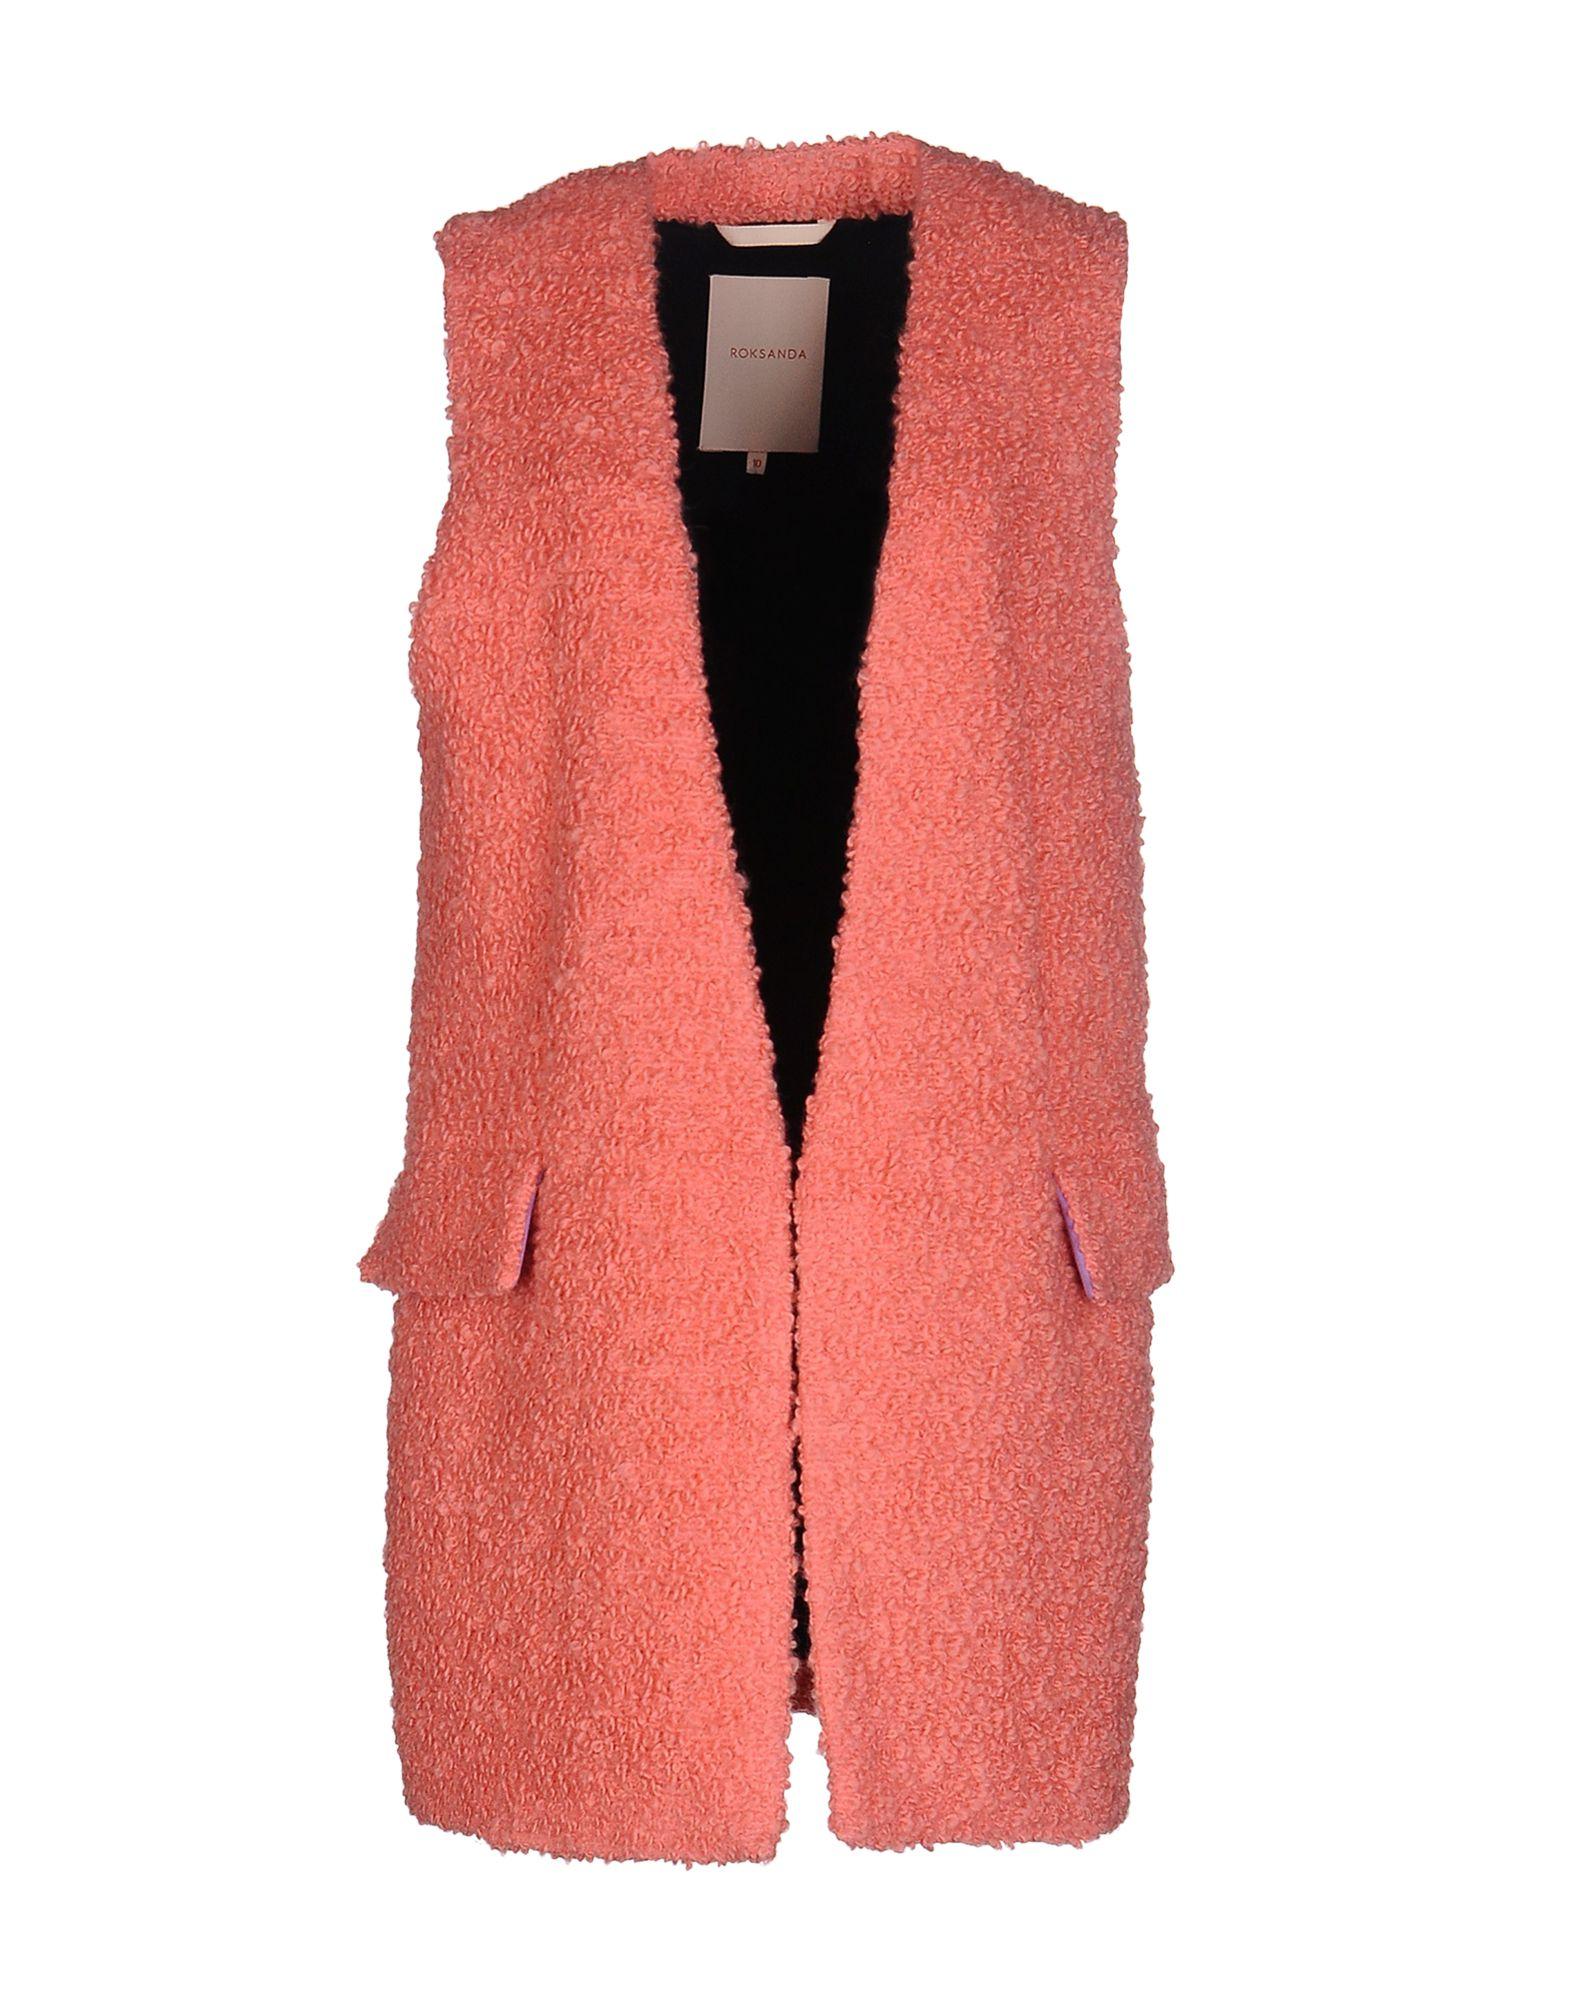 Roskanda jacket 1